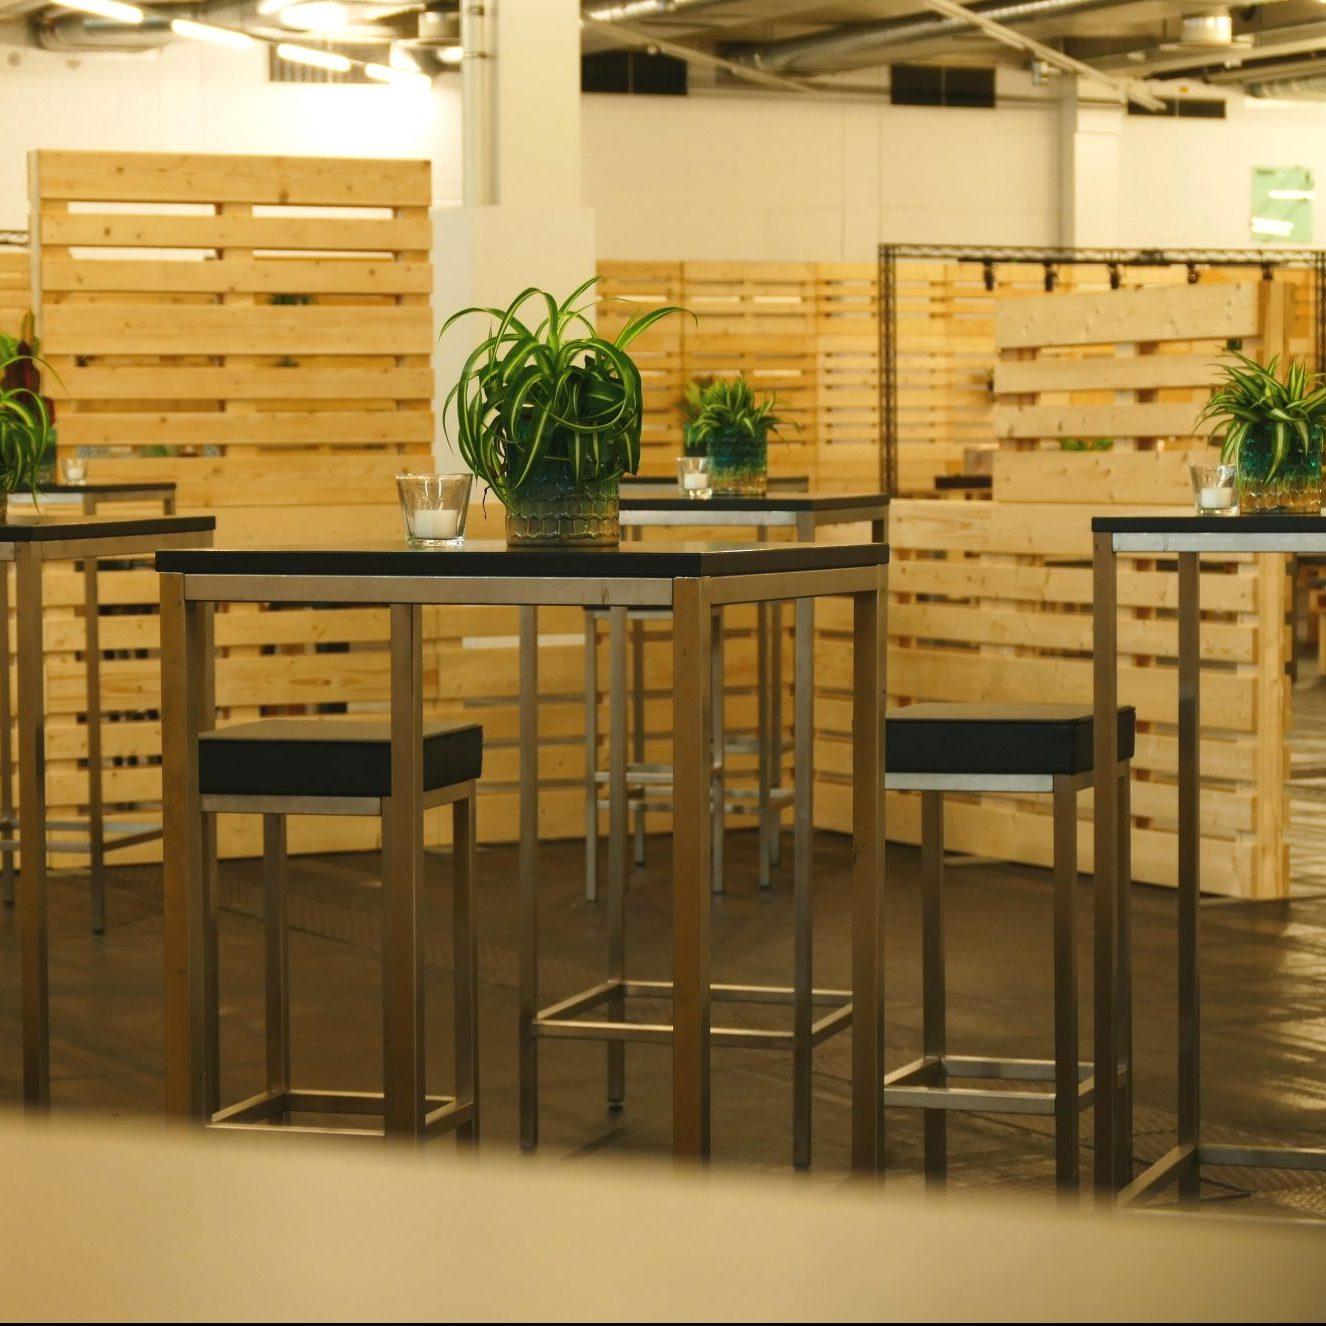 BÜRO-EINRICHTUNG - Palettenmöbel & Raumkonzepte für Büroräume